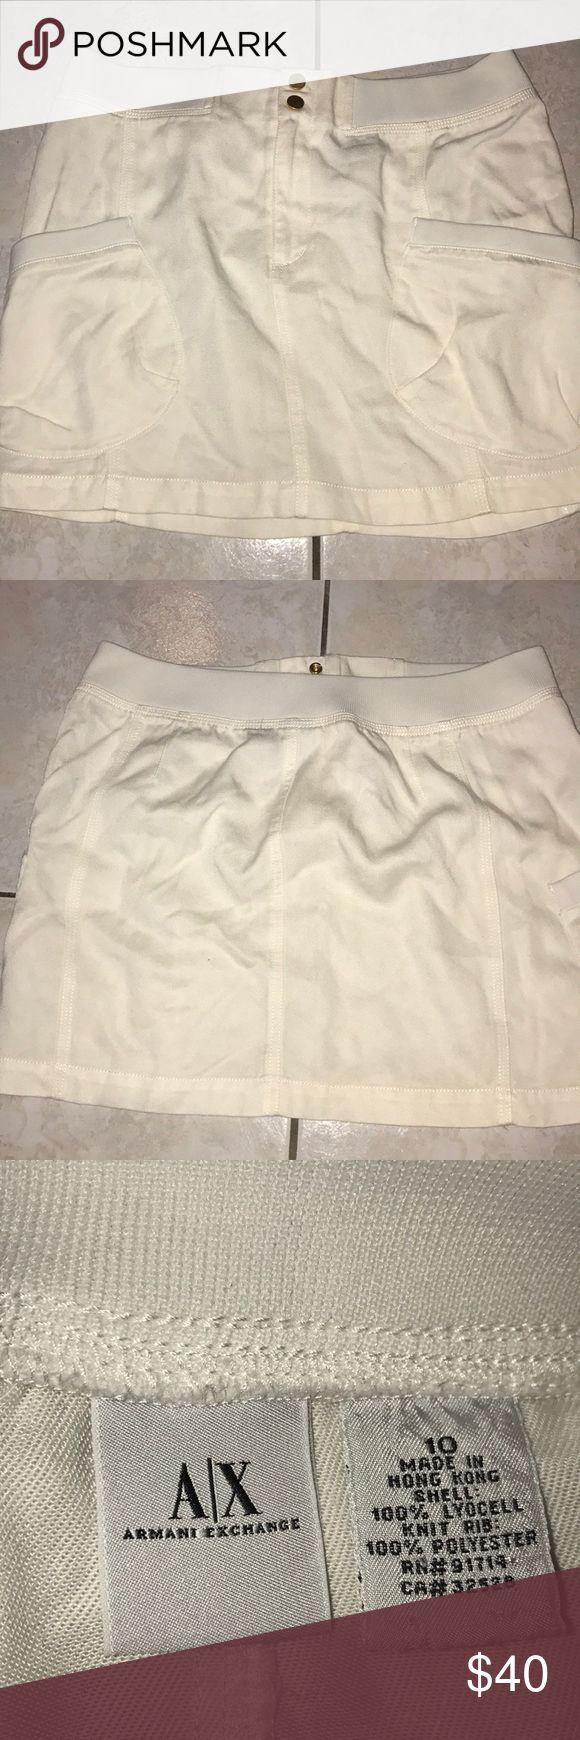 Armani Exchange Skirt Armani Exchange Mini Skirt Also Selling The Jacket Separately A/X Armani Exchange Skirts Mini